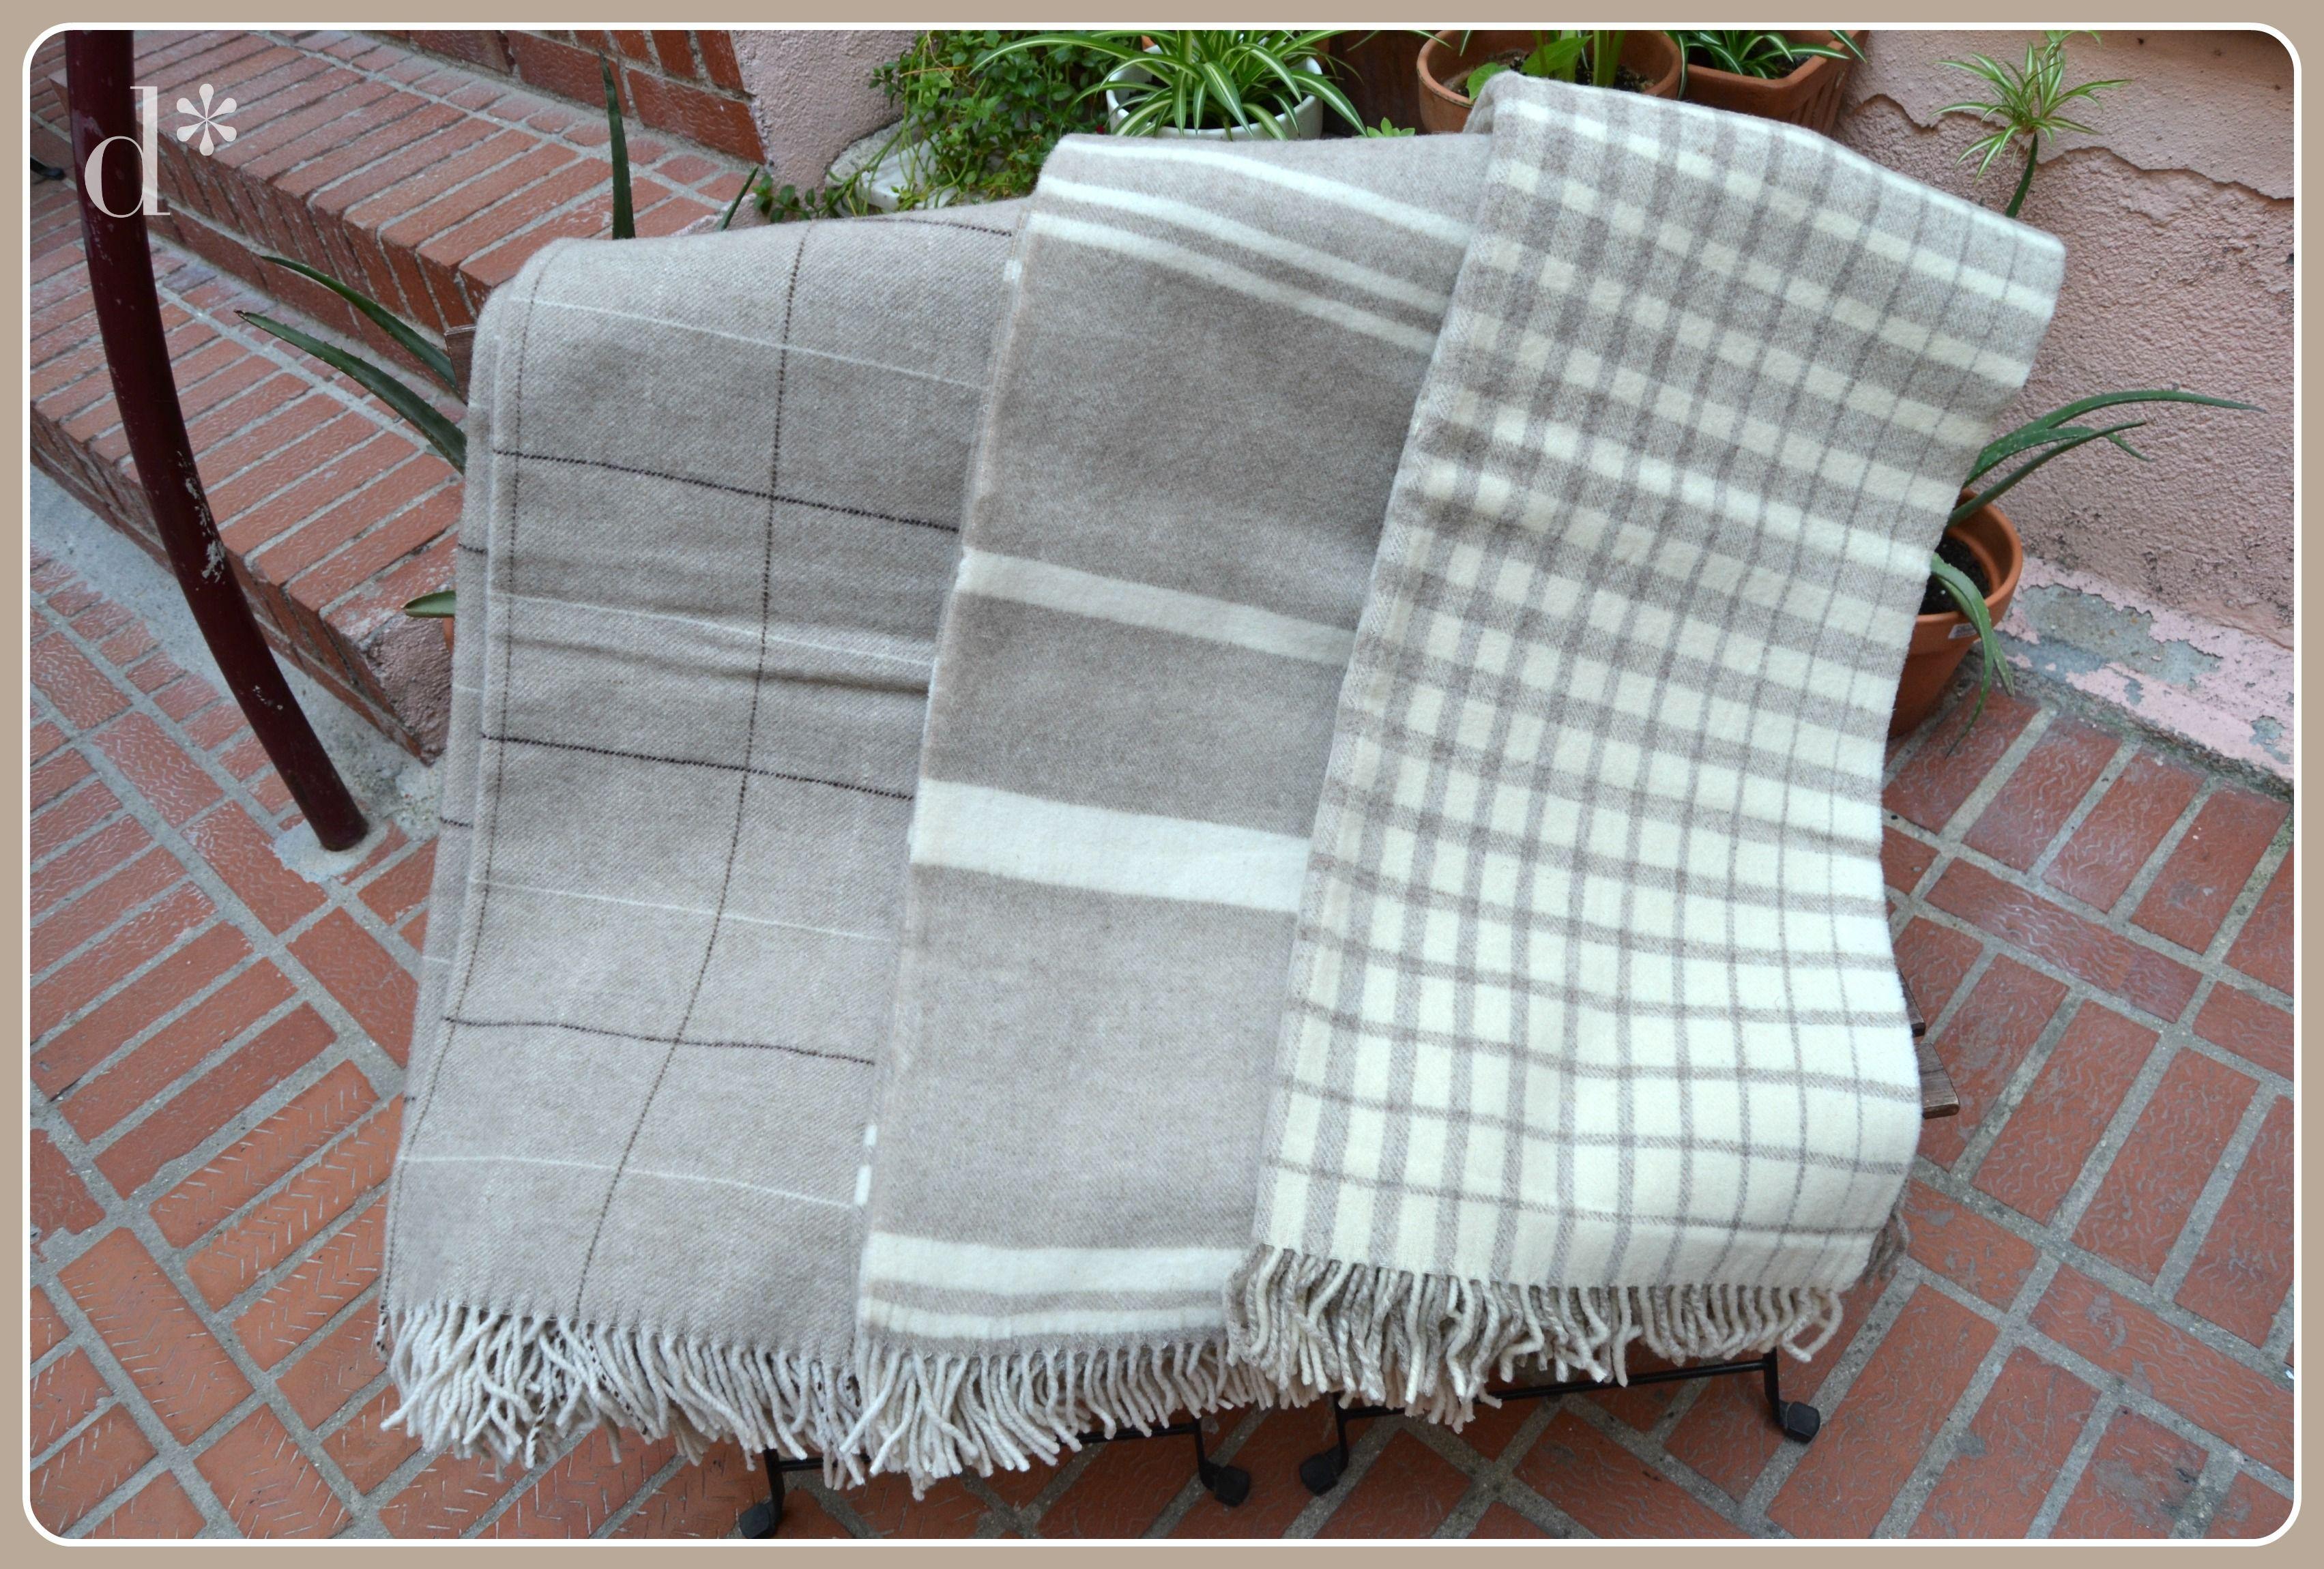 Mantas de lana 100%, artesanales producidas en telar, colores naturales. Val de San Lorenzo. Disponibles en: http://www.dlana.es/blog/nuestros-productos-dlana/